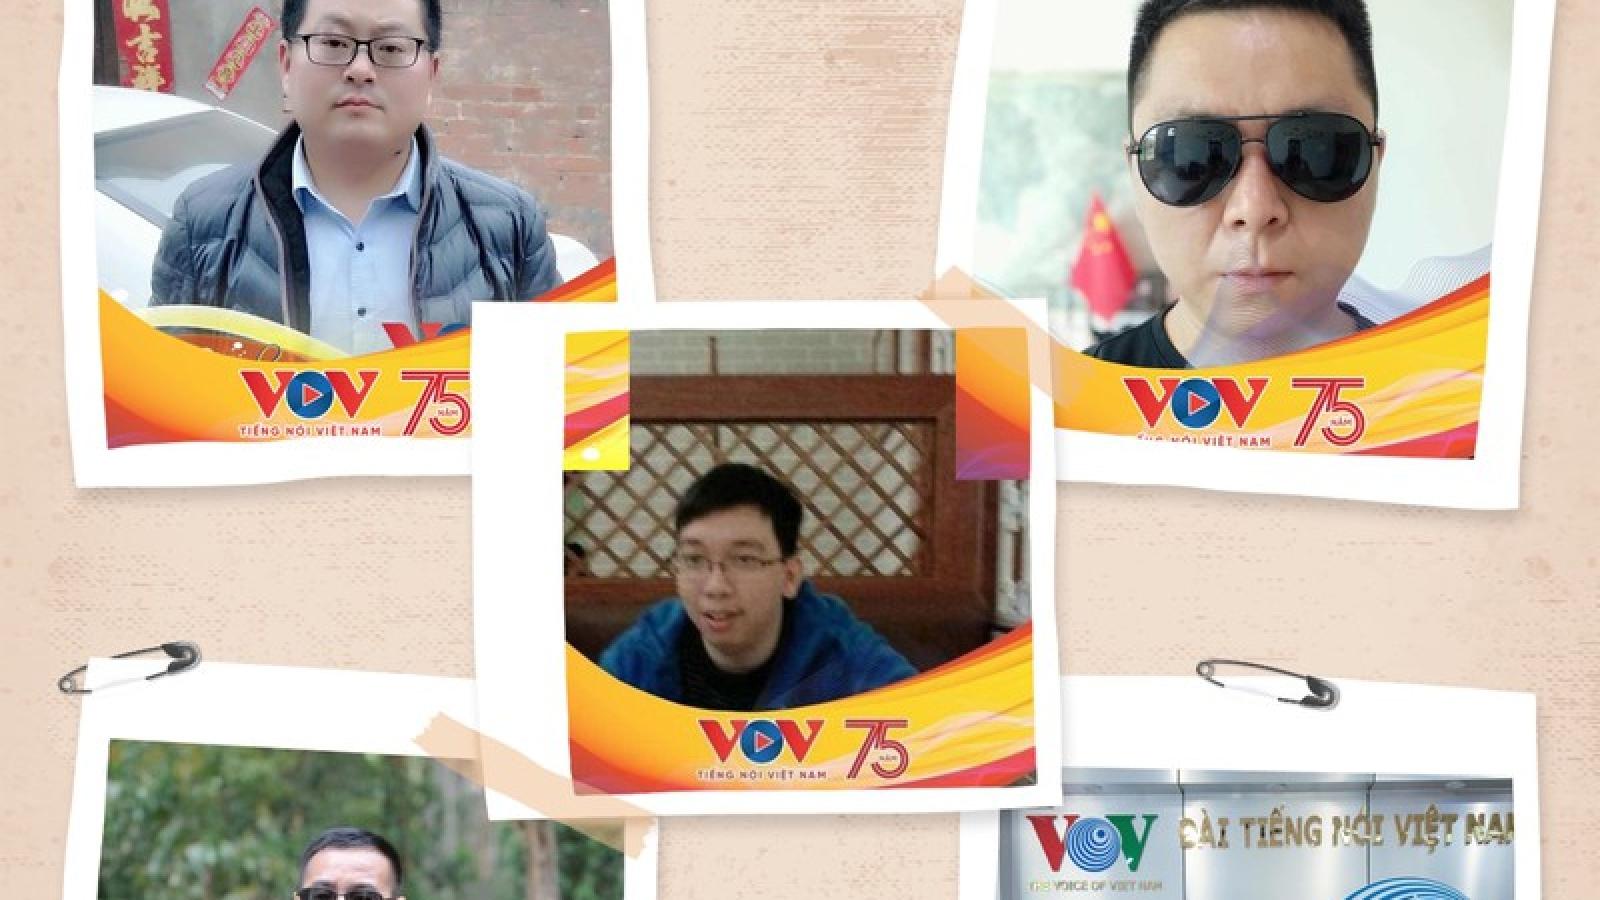 Thính giả Trung Quốc thay ảnh đại diện chúc mừng kỷ niệm 75 năm thành lập VOV